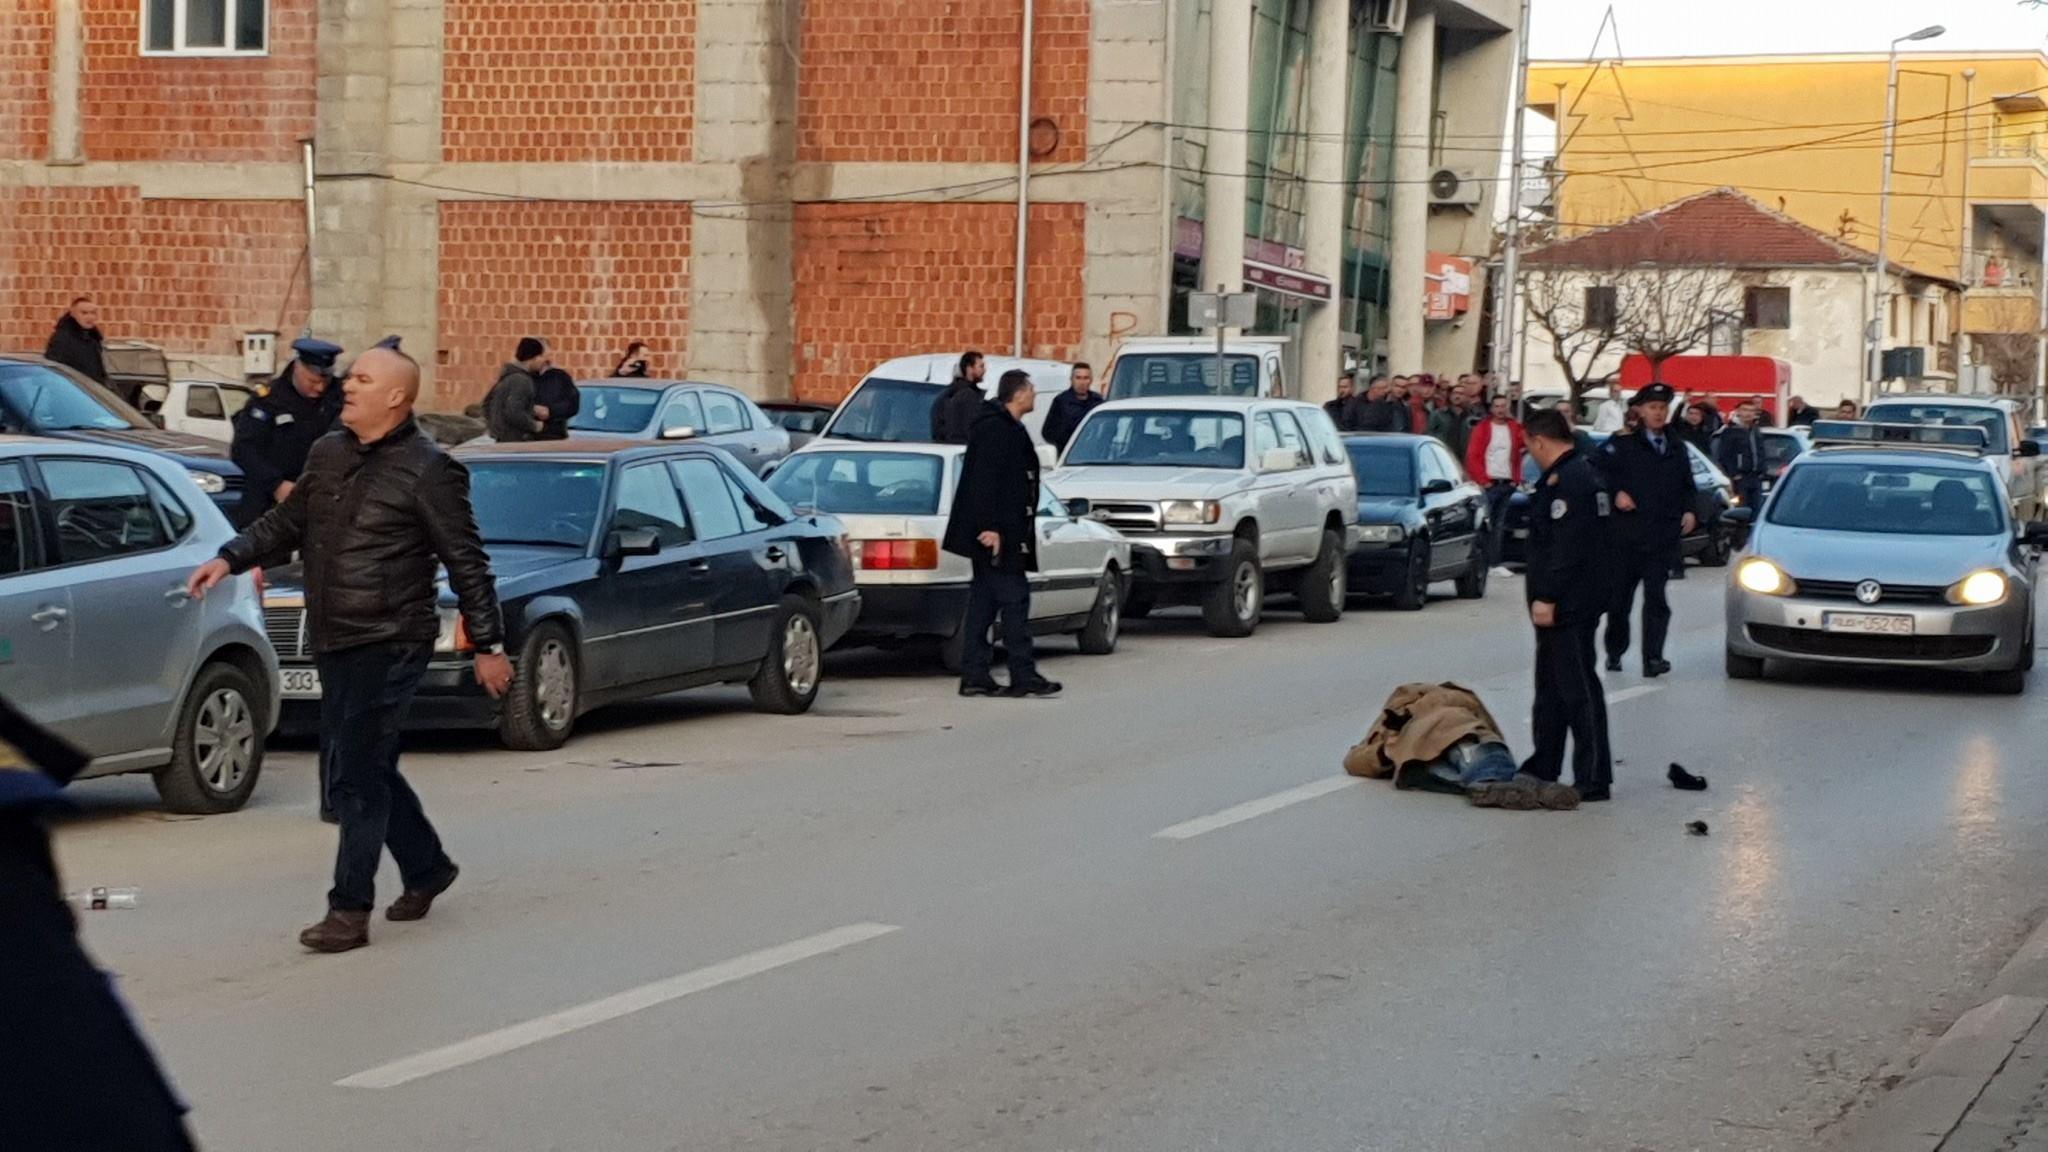 Dëshmitarët për rastin e vrasjes së policit në Istog: Dje ka mundur të ndodhë një masakër e madhe